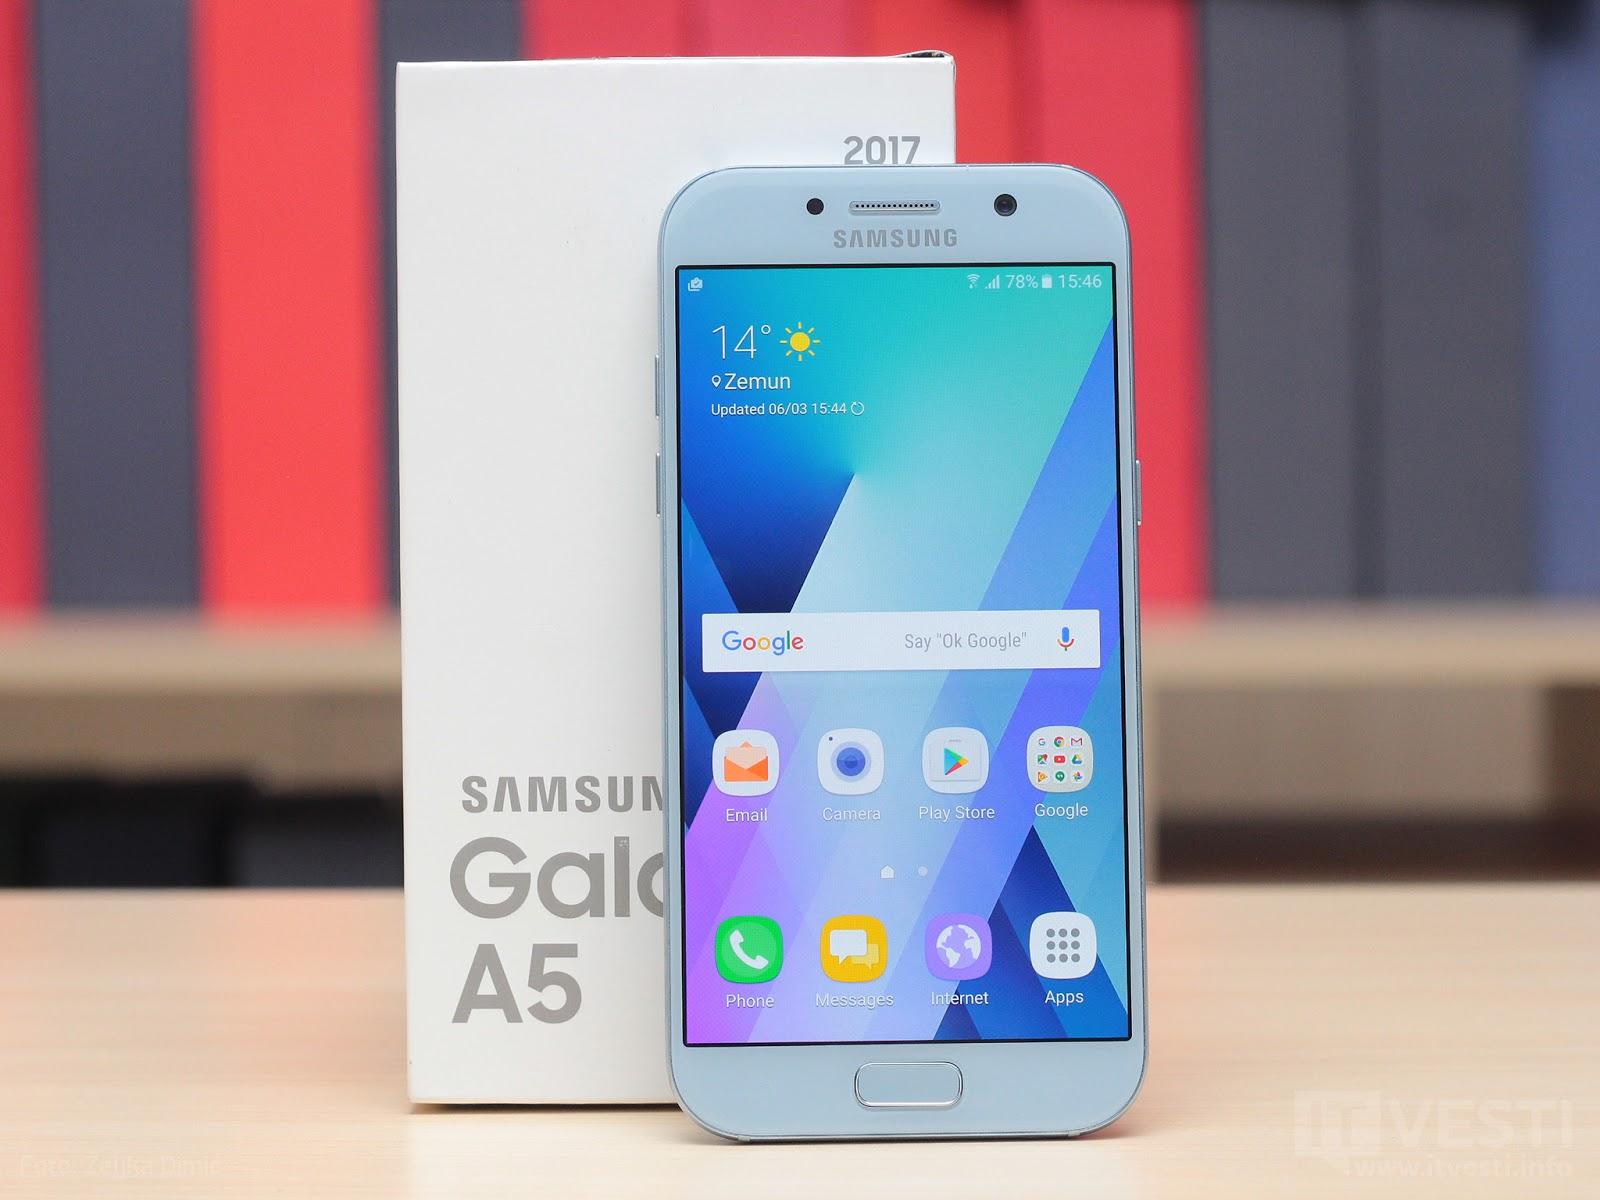 Samsung Galaxy A5 2018 dobio FCC sertifikat a poznate su i specifikacije